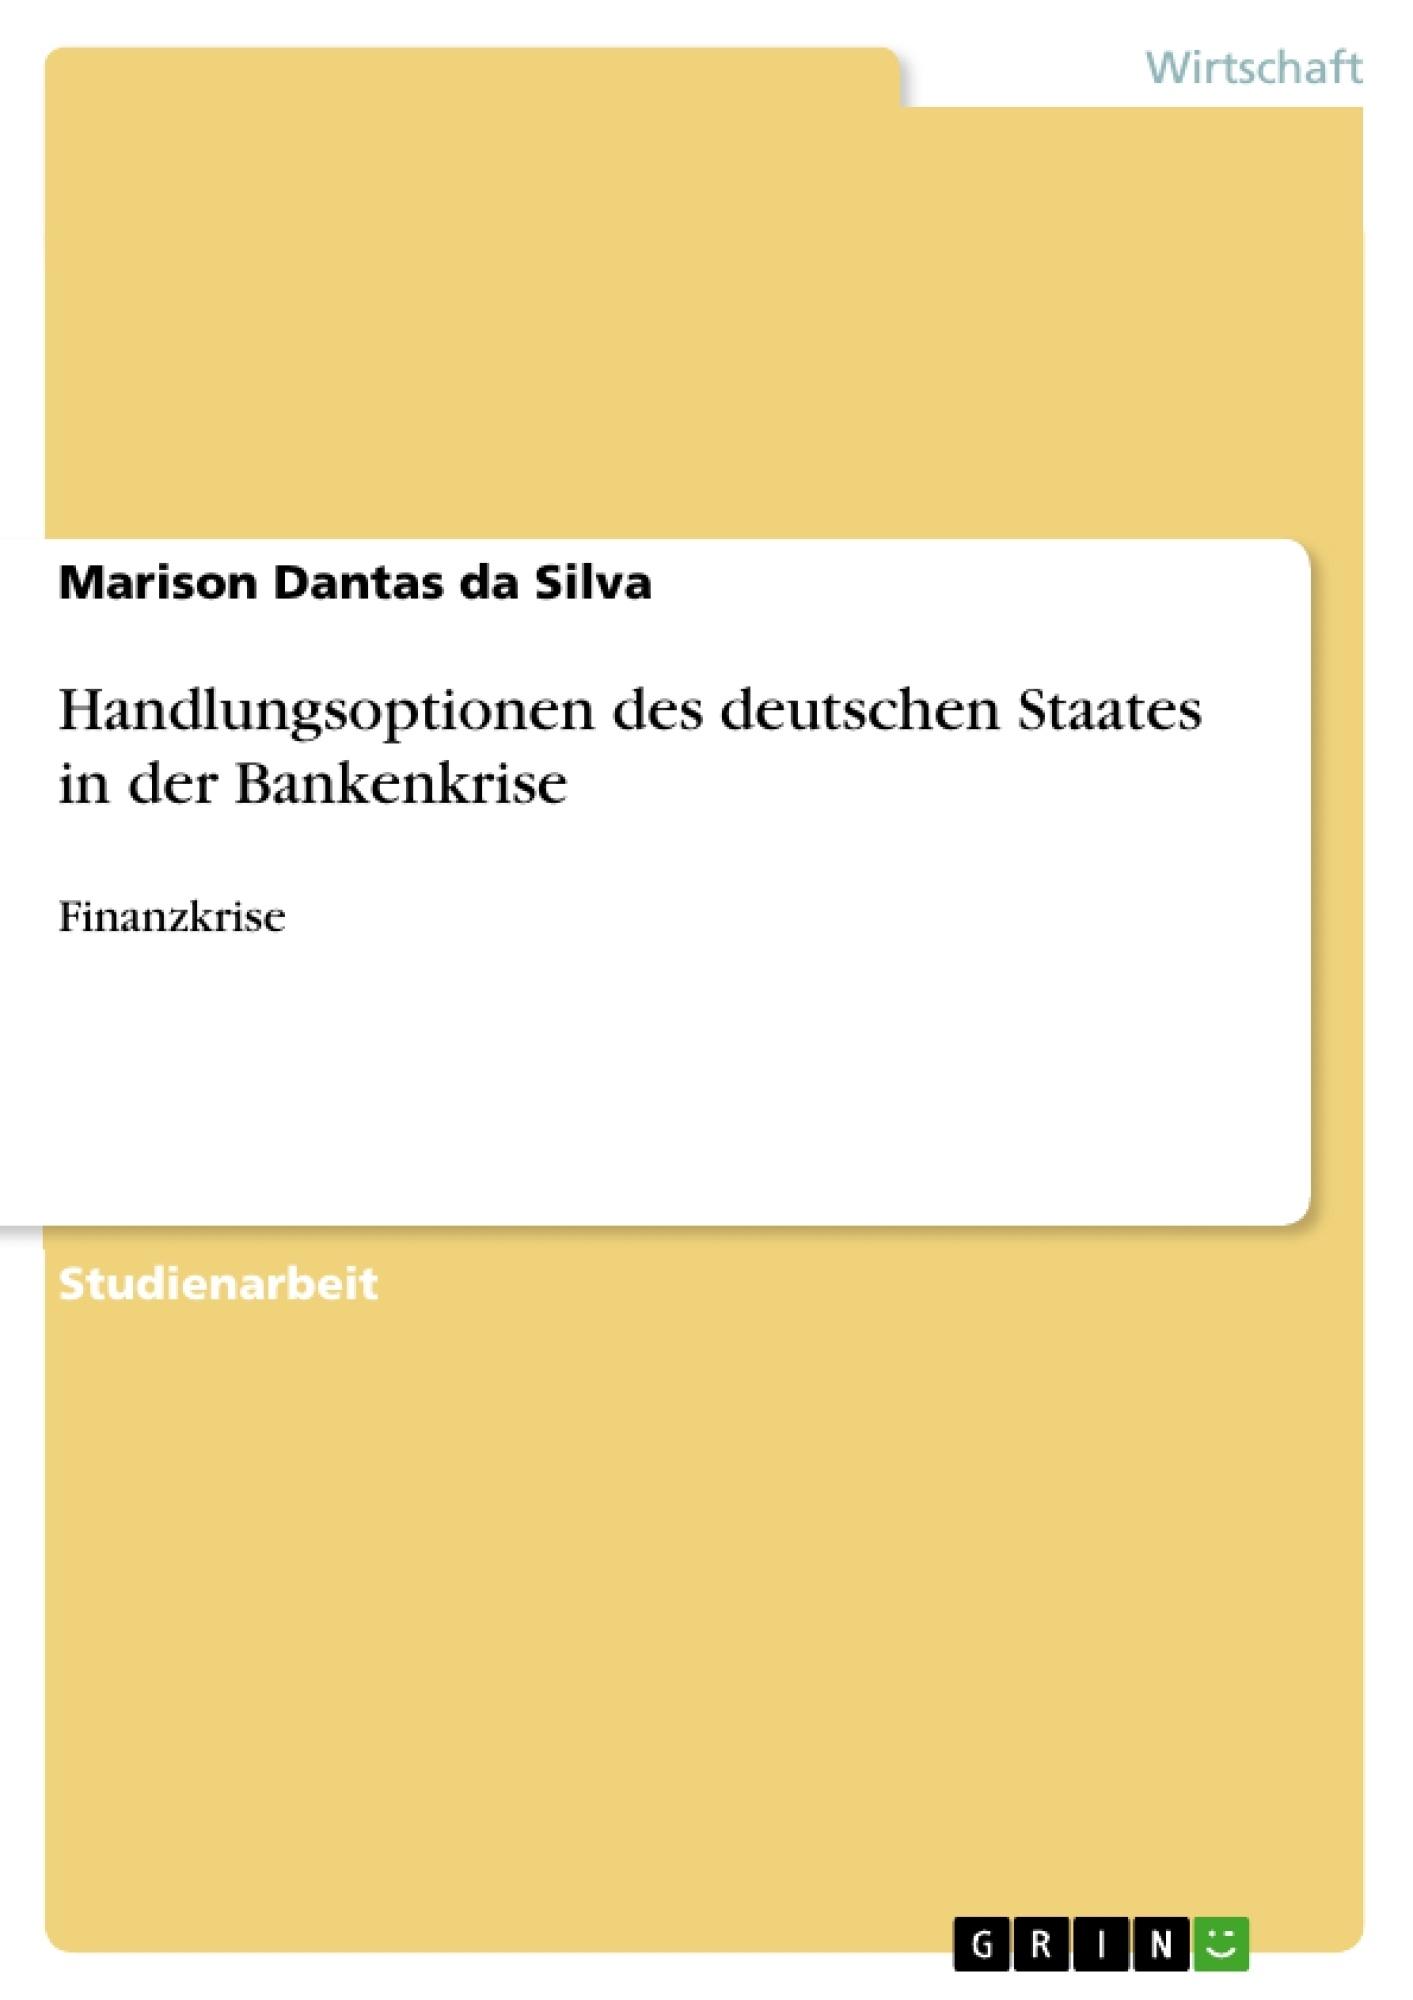 Titel: Handlungsoptionen des deutschen Staates in der Bankenkrise